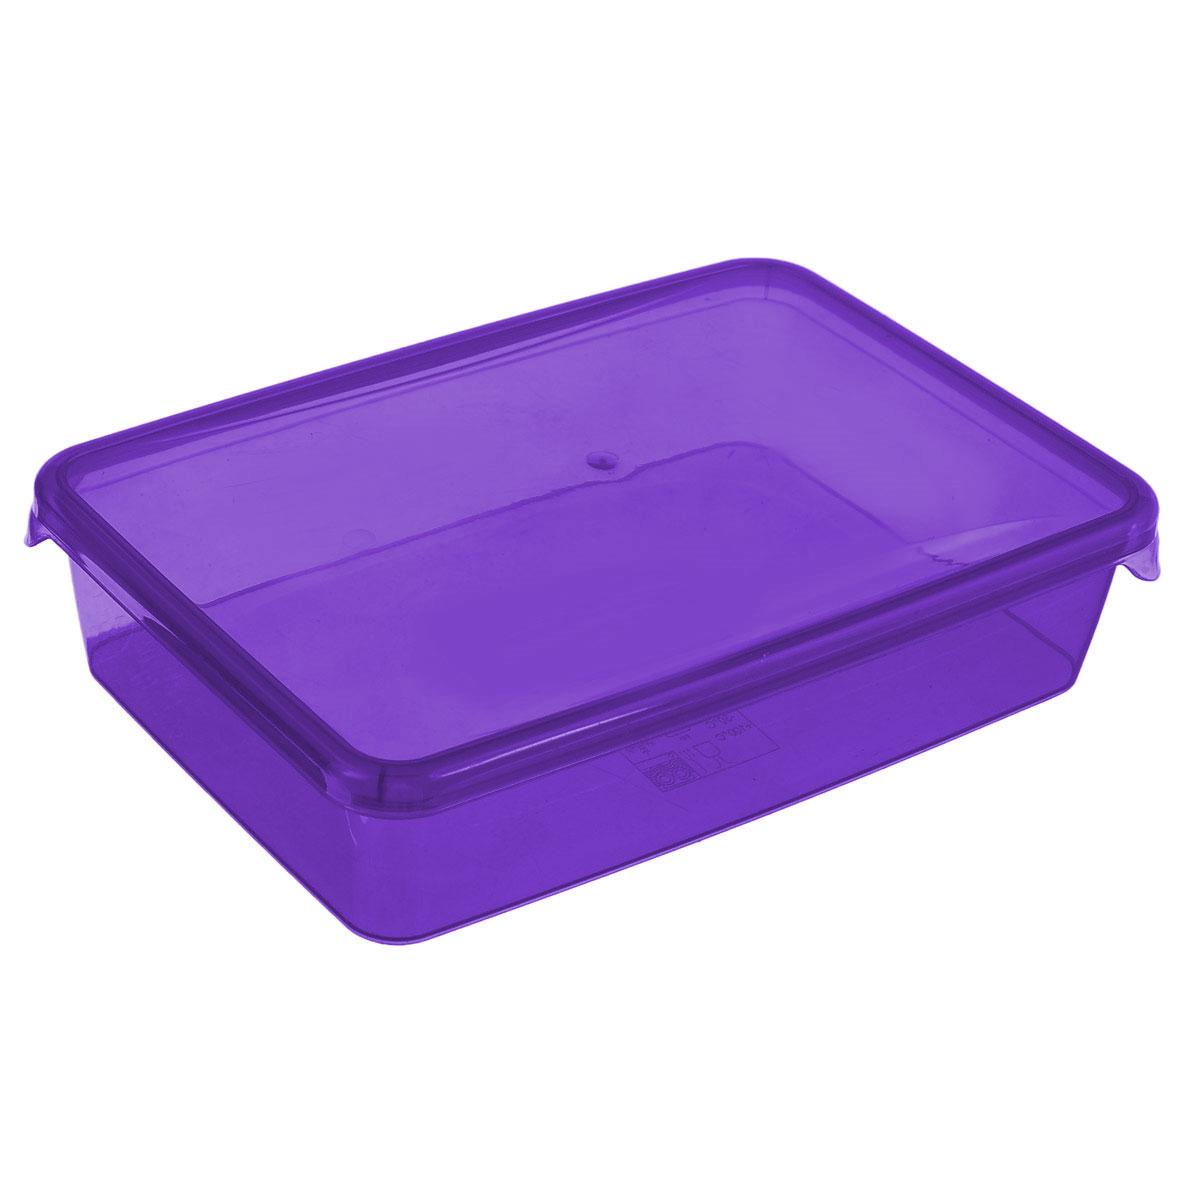 Контейнер Glaretti Браво, цвет: фиолетовый, 0,9 лПЦ1034_фиолетовыйКонтейнер P&C Браво выполнен из высококачественного пищевого пластика и предназначен для хранения и транспортировки пищи. Крышка легко открывается и плотно закрывается с помощью легкого щелчка. Подходит для использования в микроволновой печи без крышки (до +100°С), для заморозки при минимальной температуре -30°С. Можно мыть в посудомоечной машине.